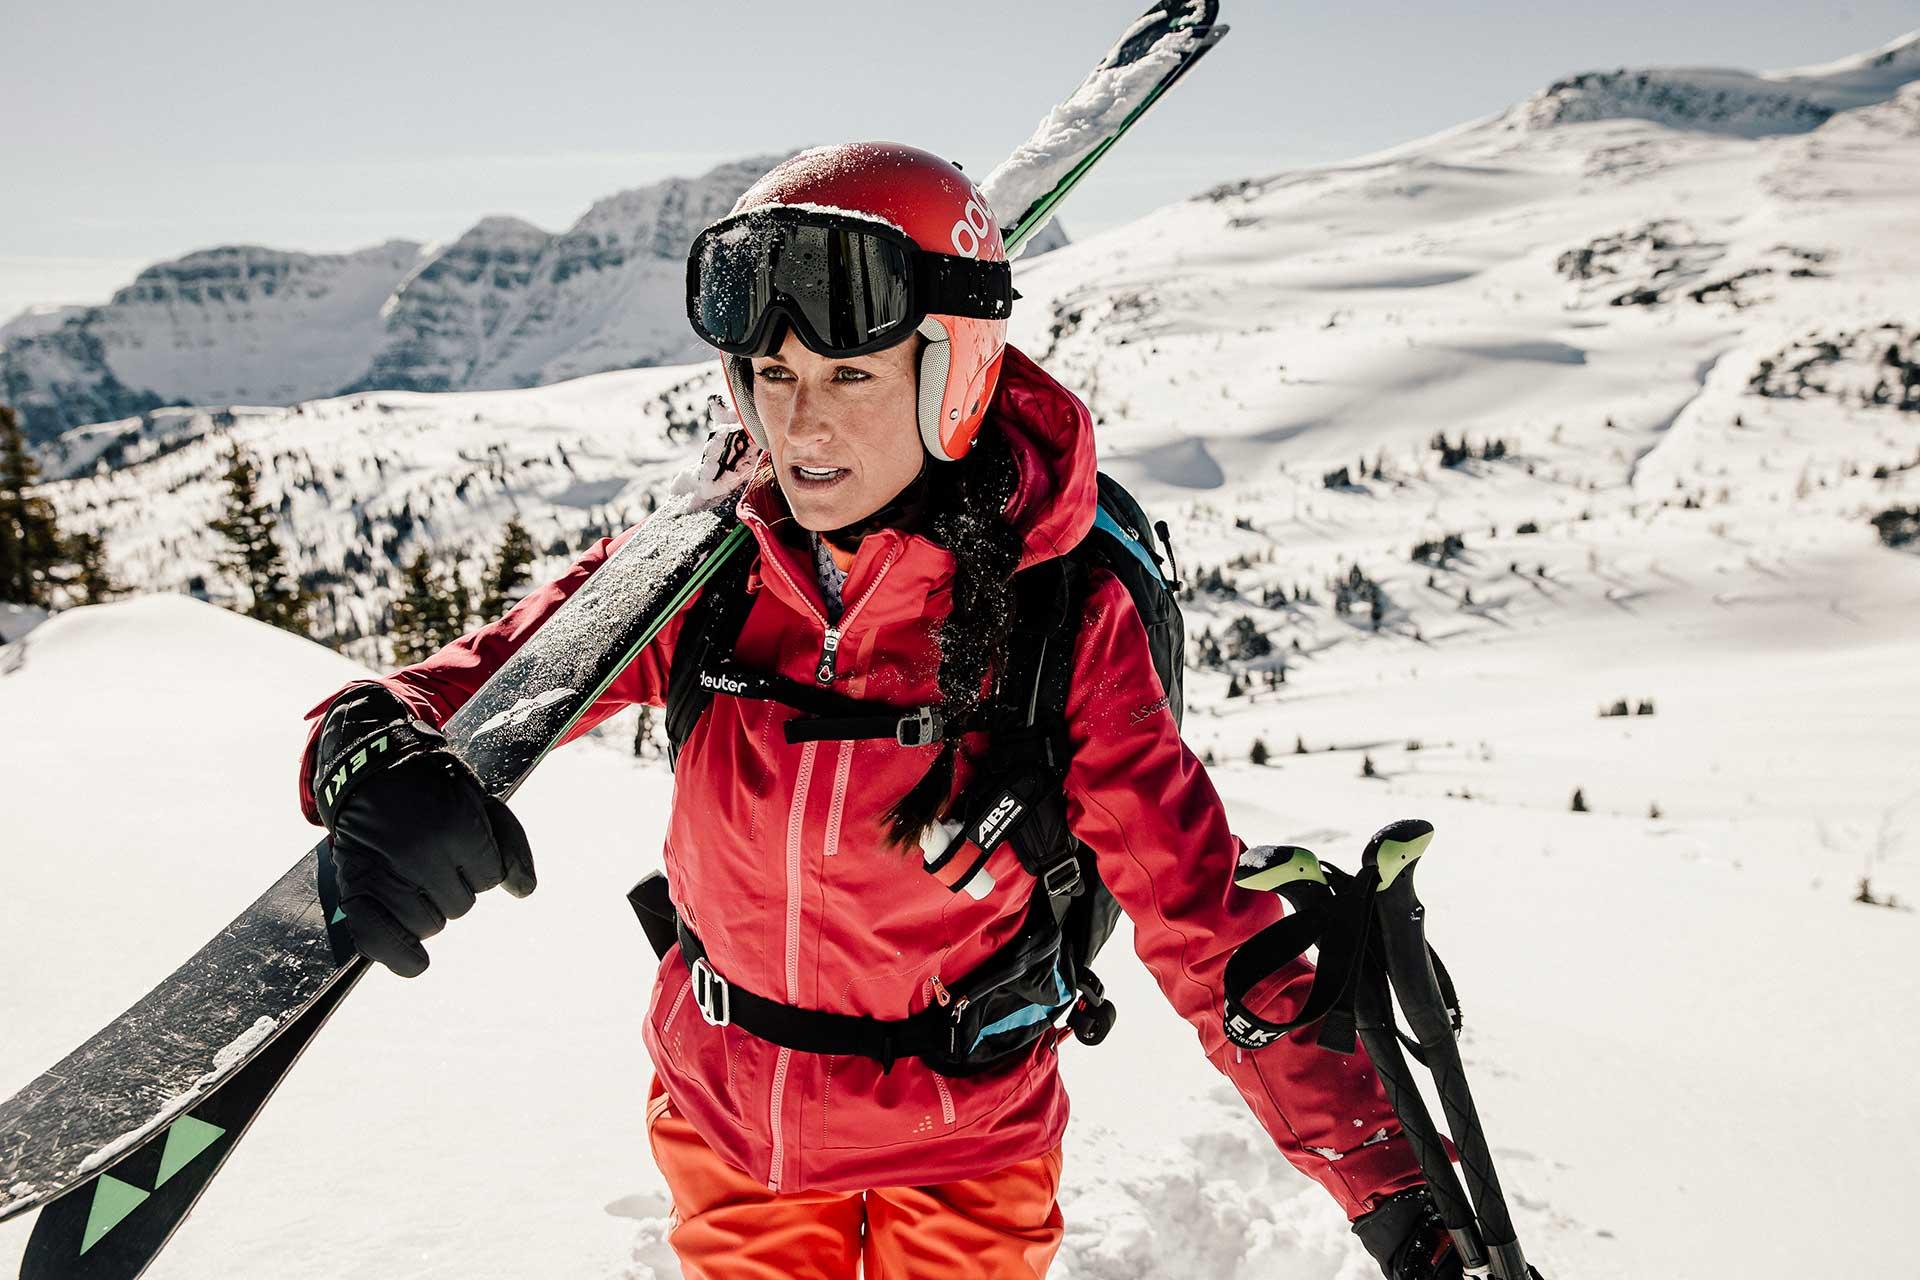 Winter Sportfotograf Fitness Schnee Skisport Fotograf Schweiz Schöffen